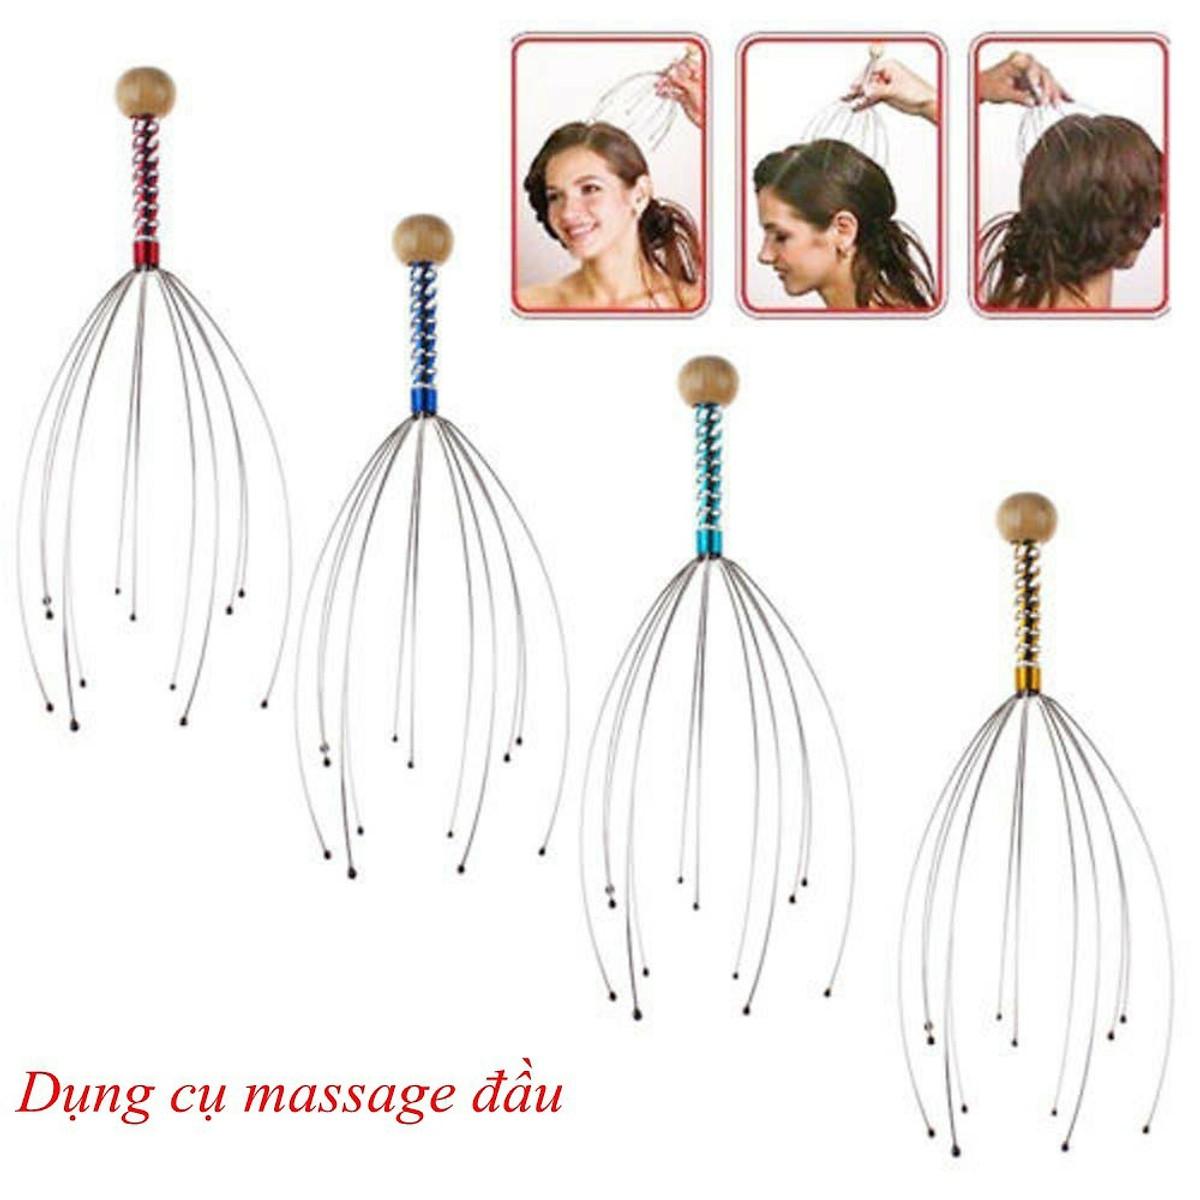 Cây Massage Đầu Bạch Tuộc Giúp Thư Giãn Giảm Stress